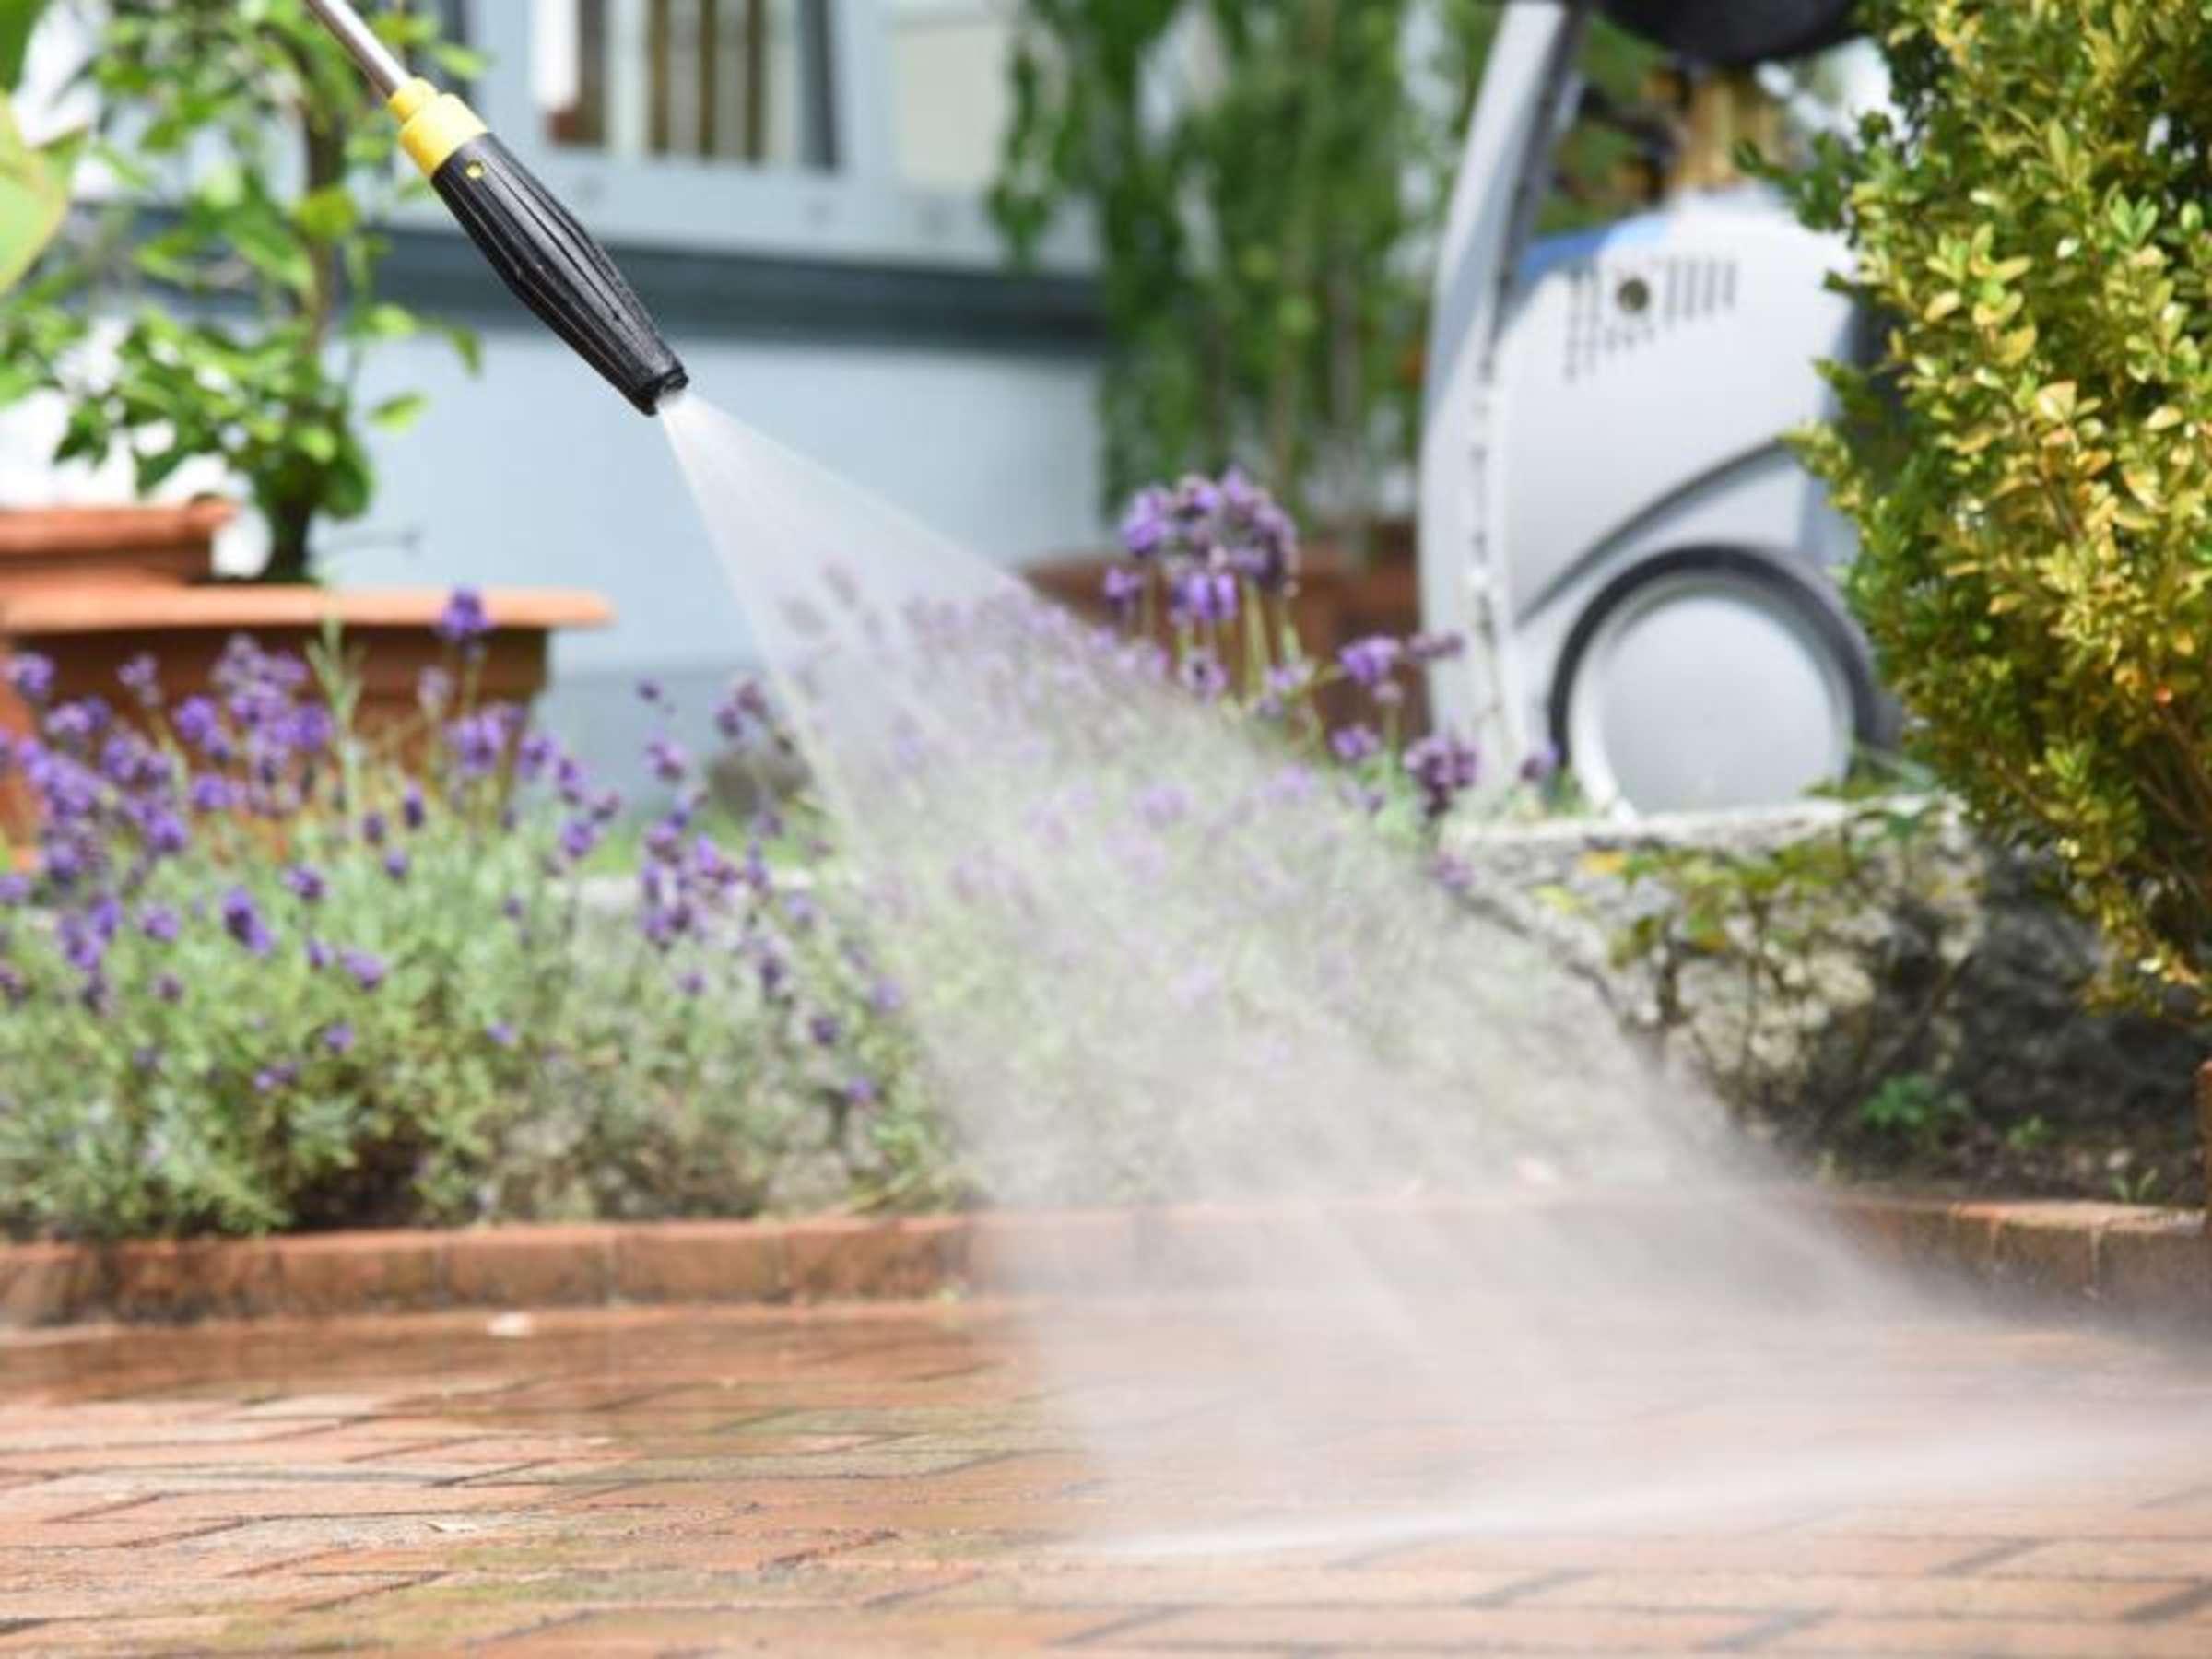 Terrasse reinigen mit dem Hochdruckreiniger So geht's ohne Gefahr ...